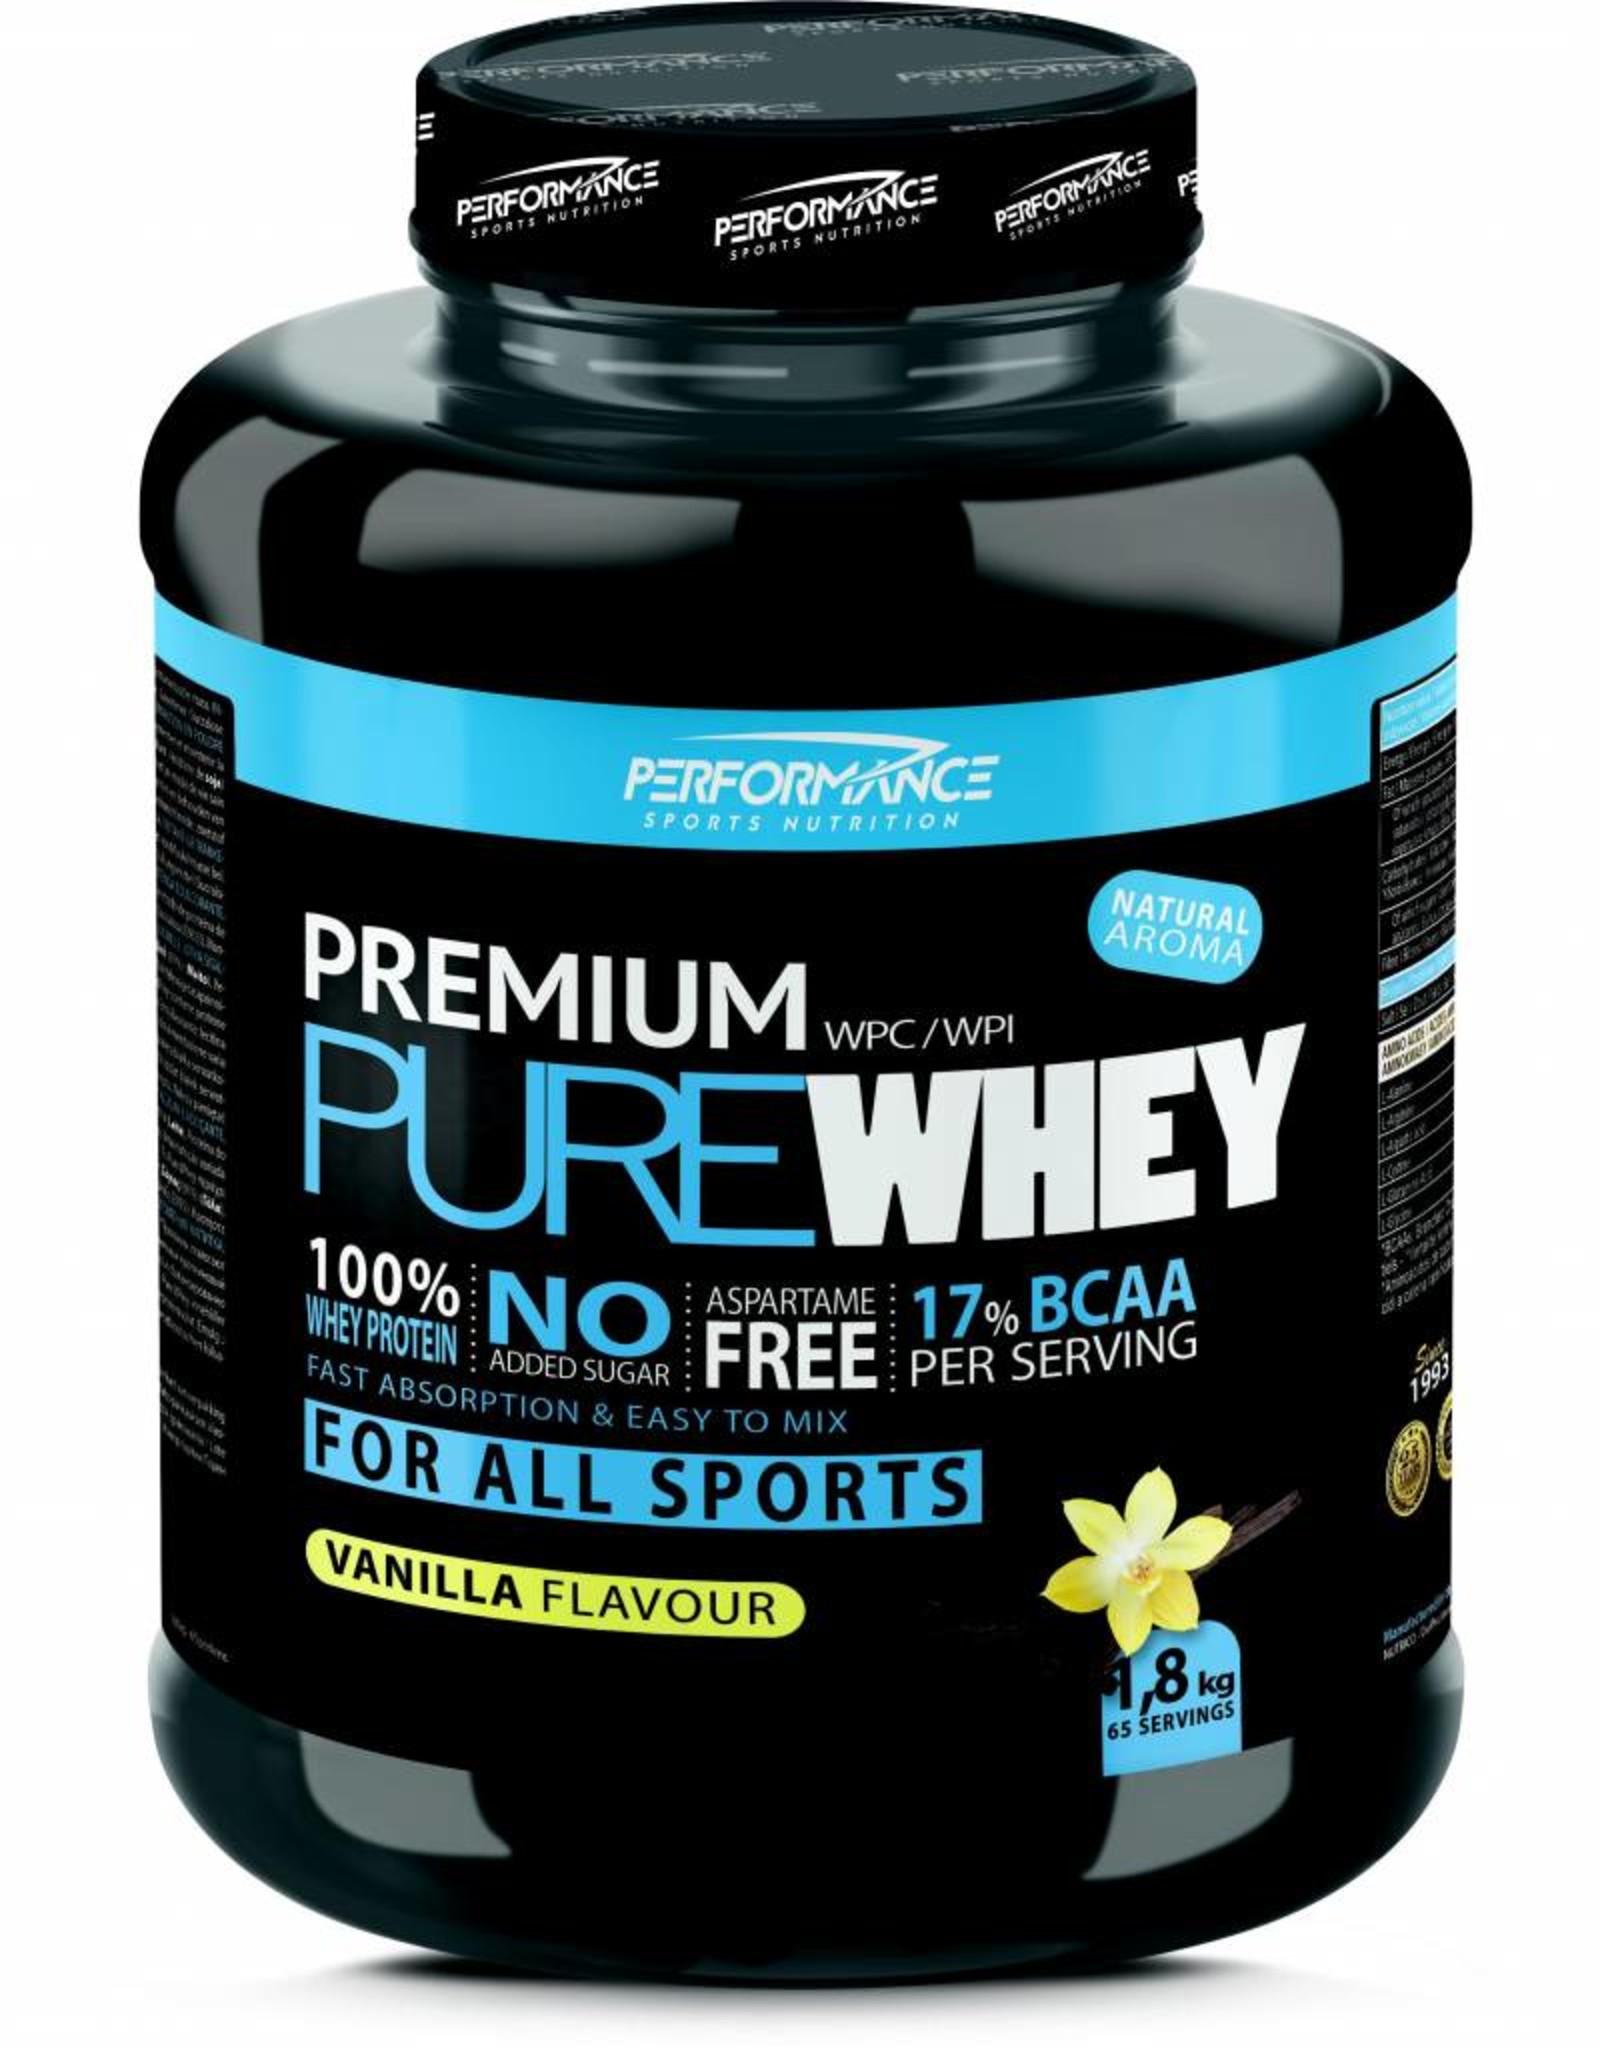 Performance Premium pure whey vanilla